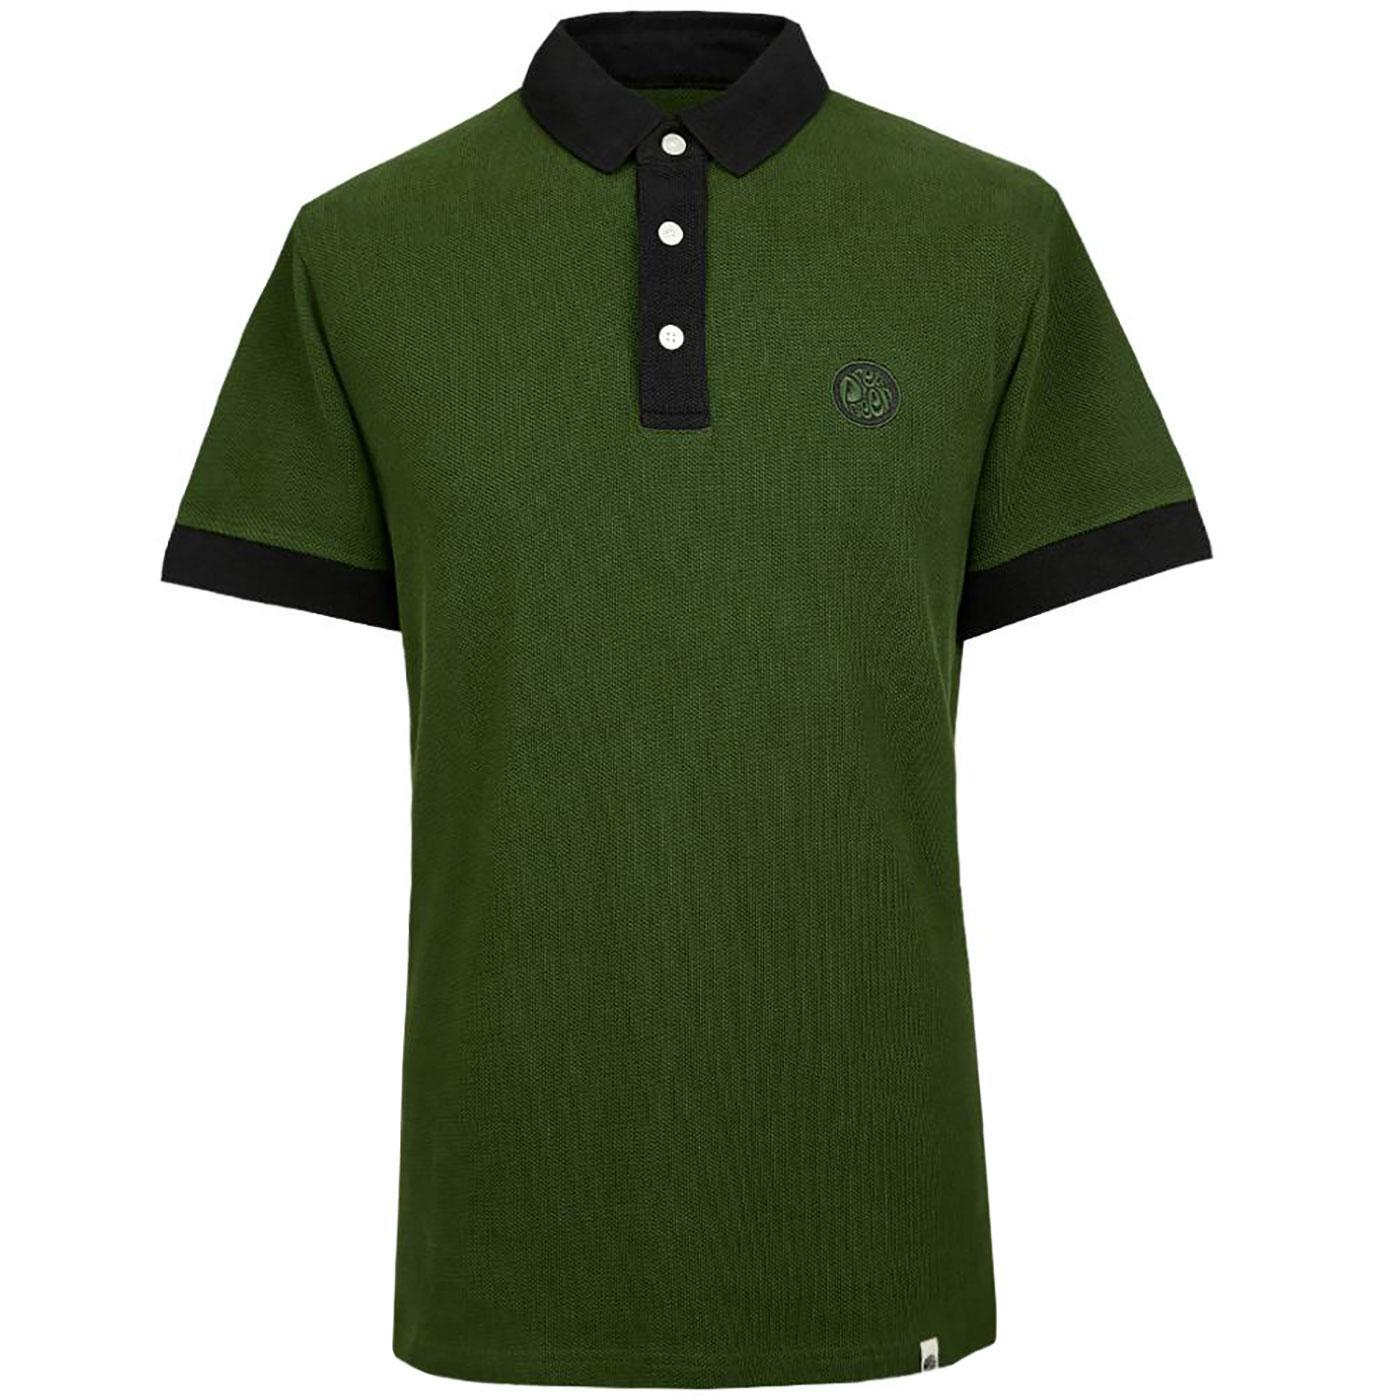 PRETTY GREEN 1960's Heavyweight Pique Polo Shirt G